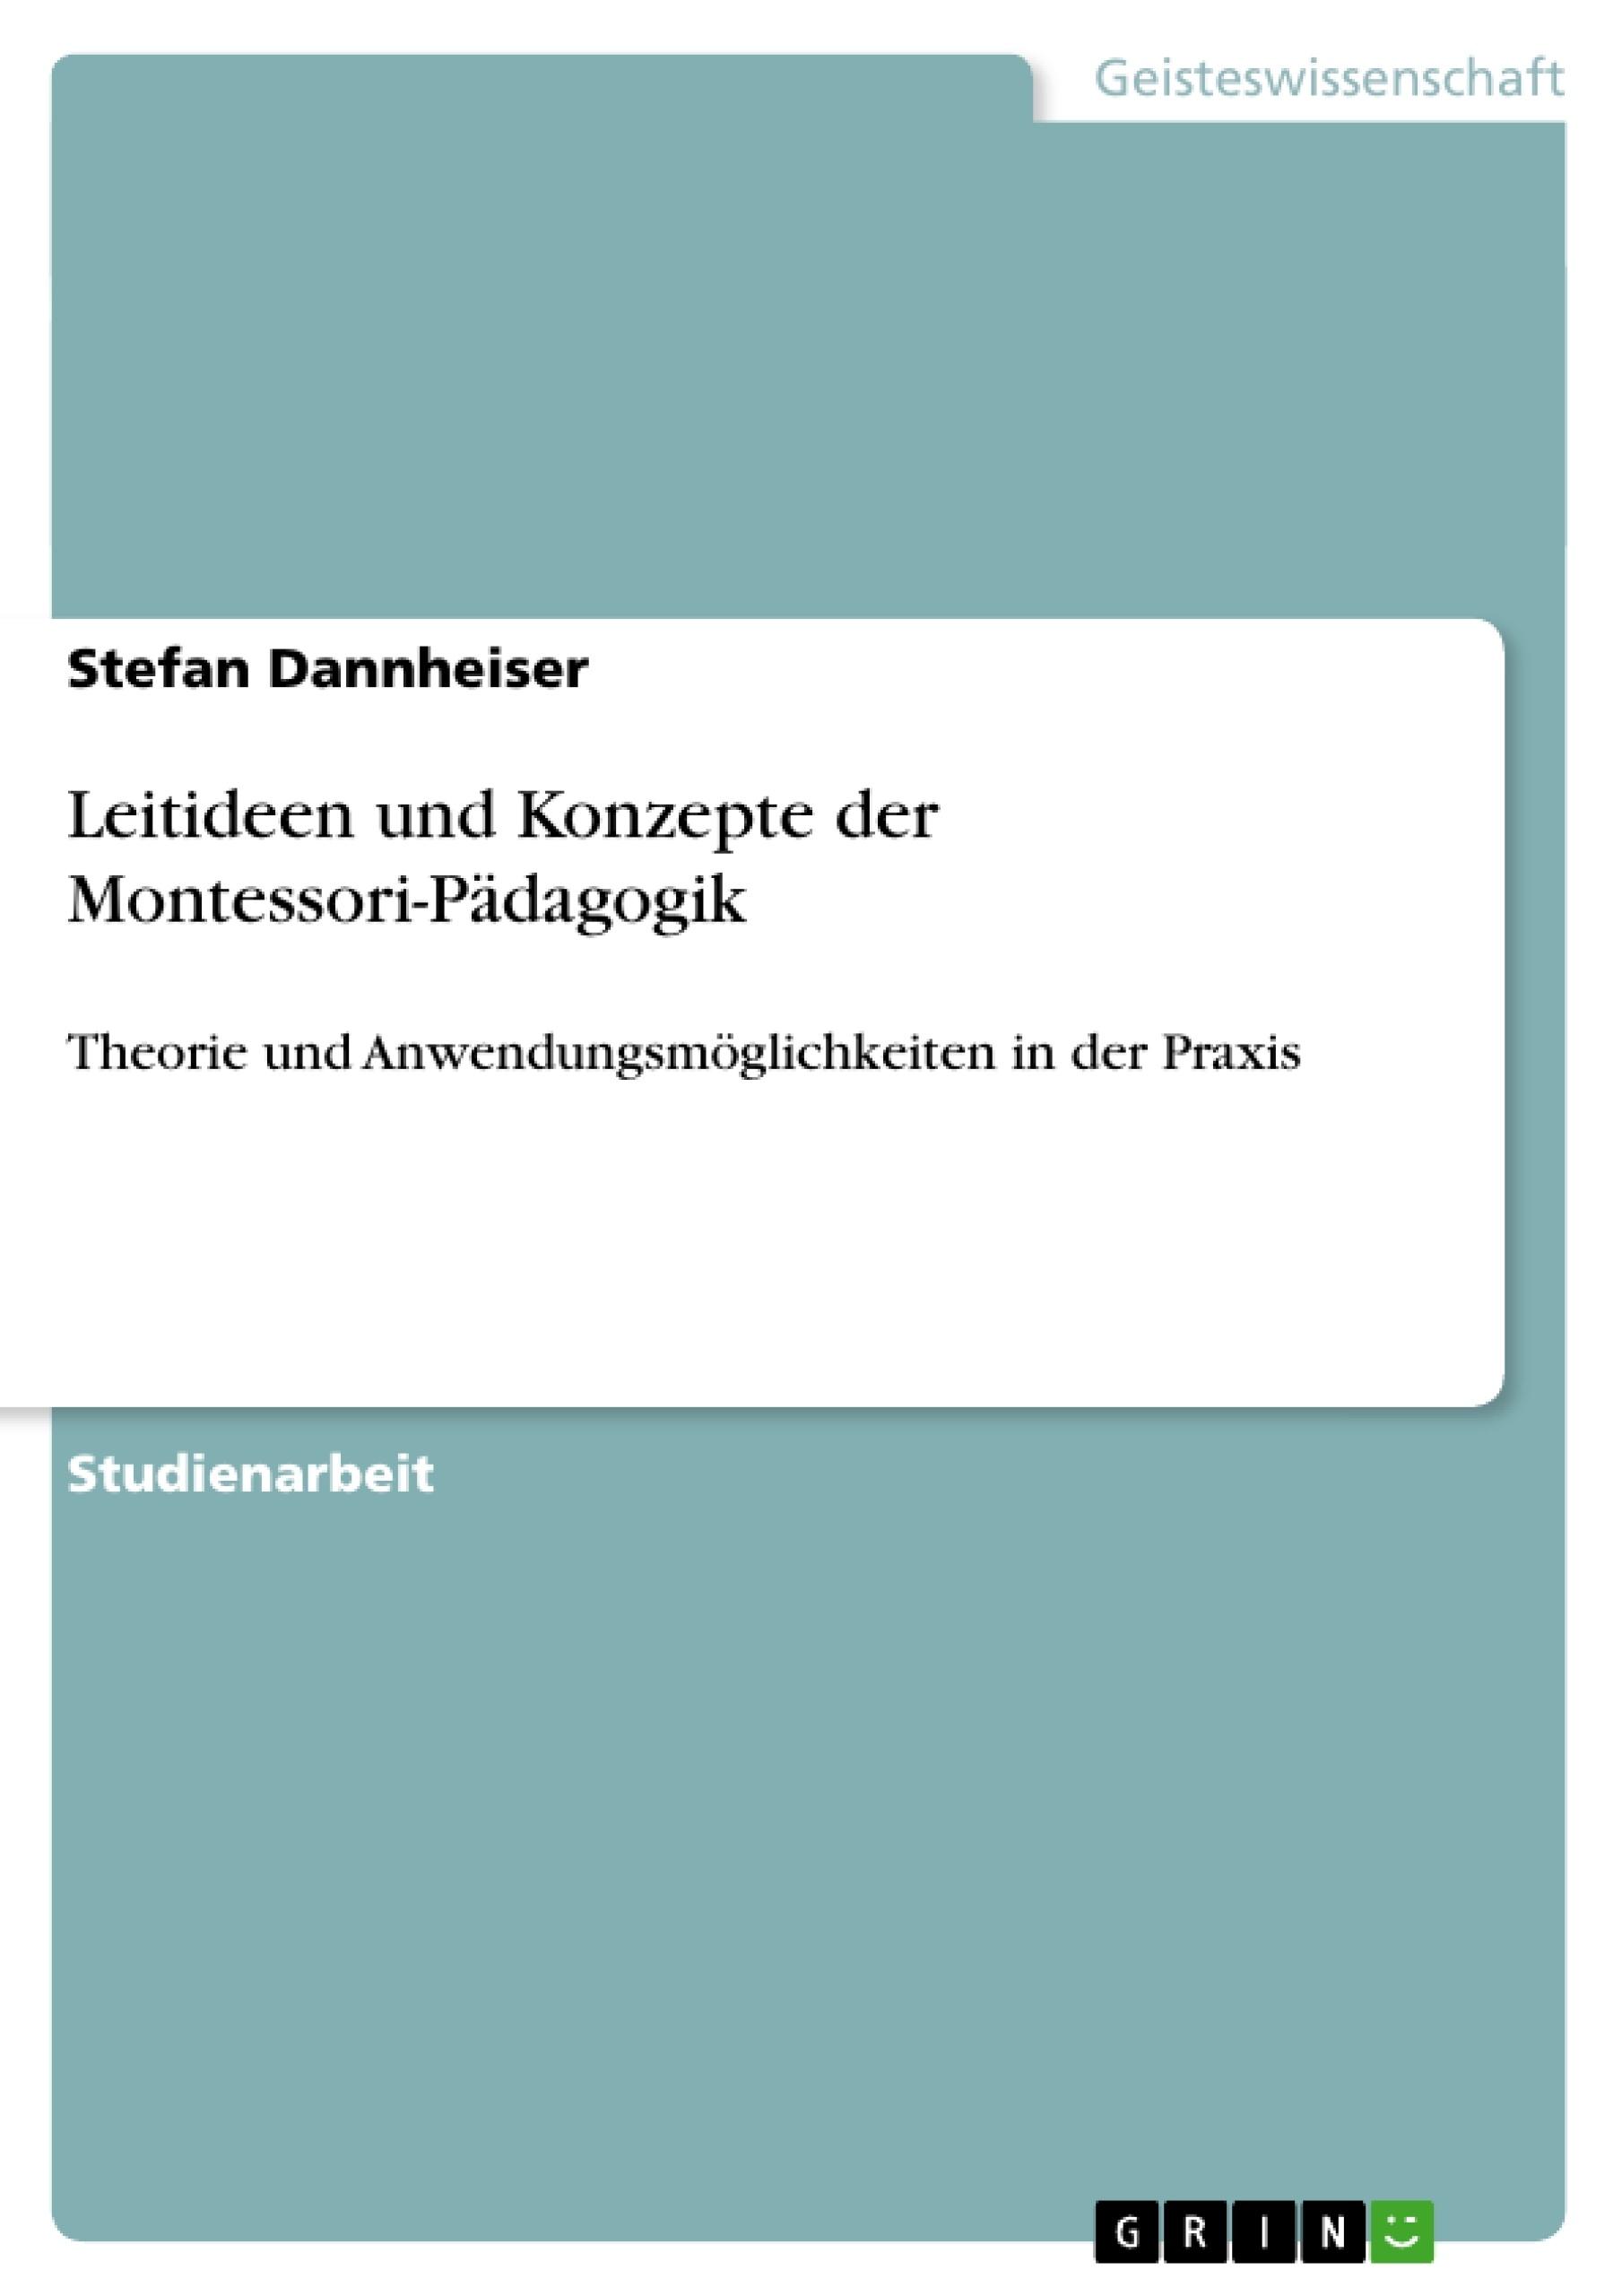 Titel: Leitideen und Konzepte der Montessori-Pädagogik